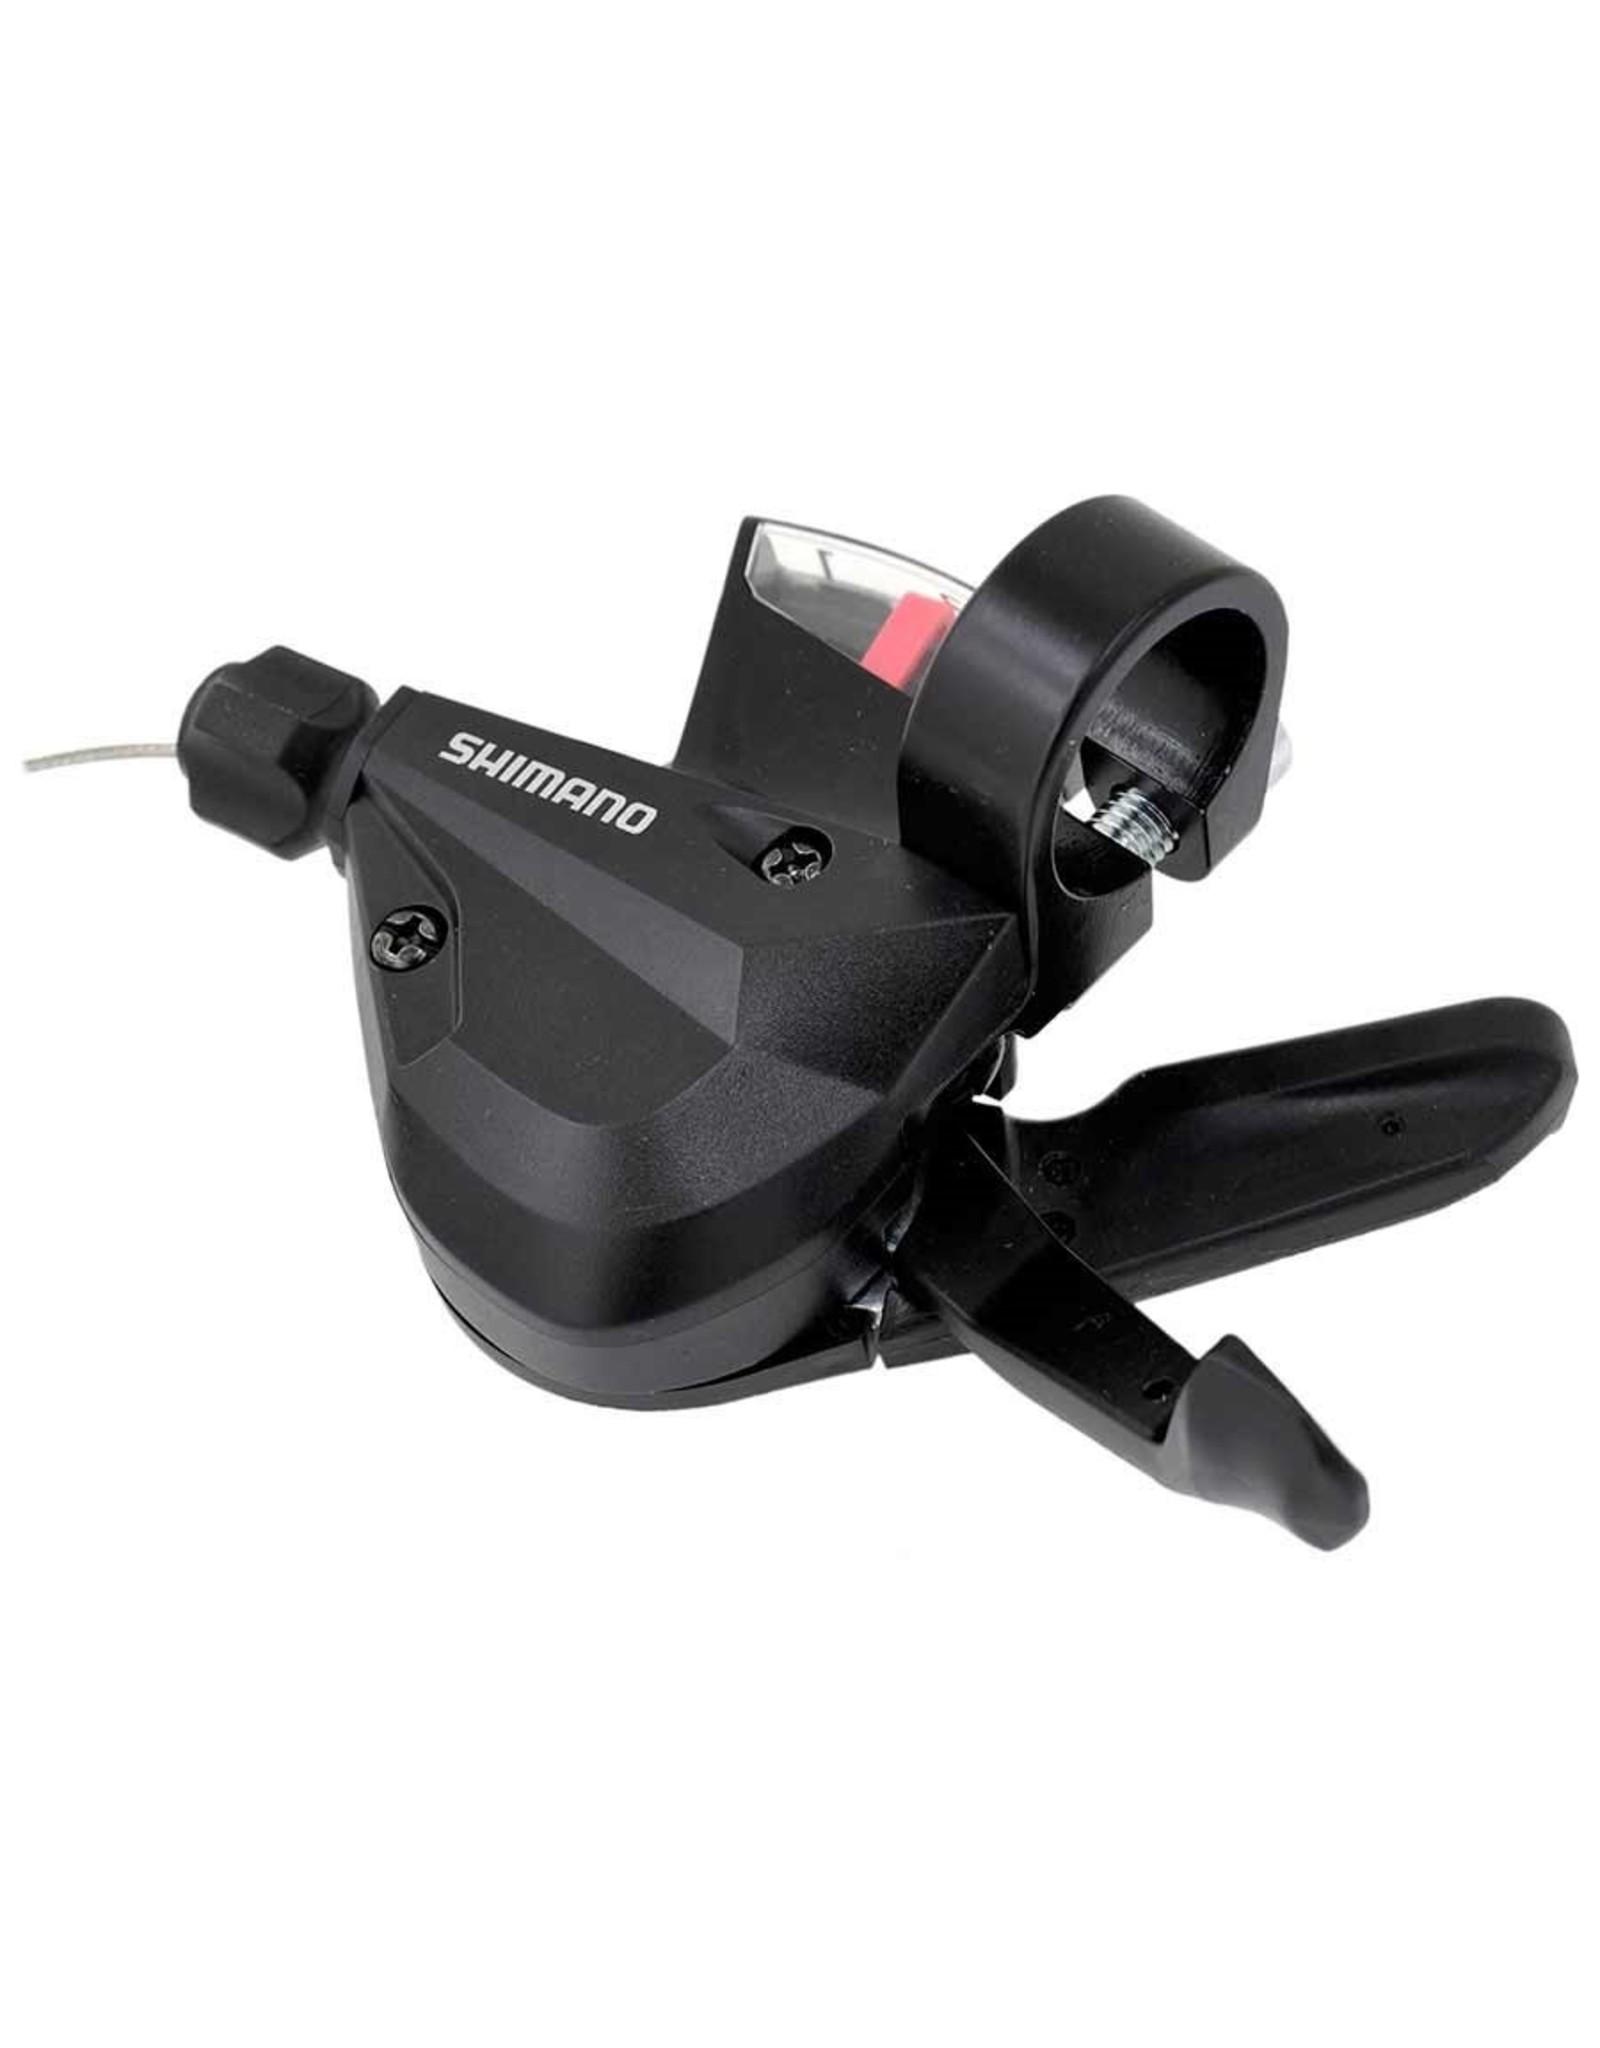 Shimano Shimano, SLM310, Gear lever, 8 speed, Rear